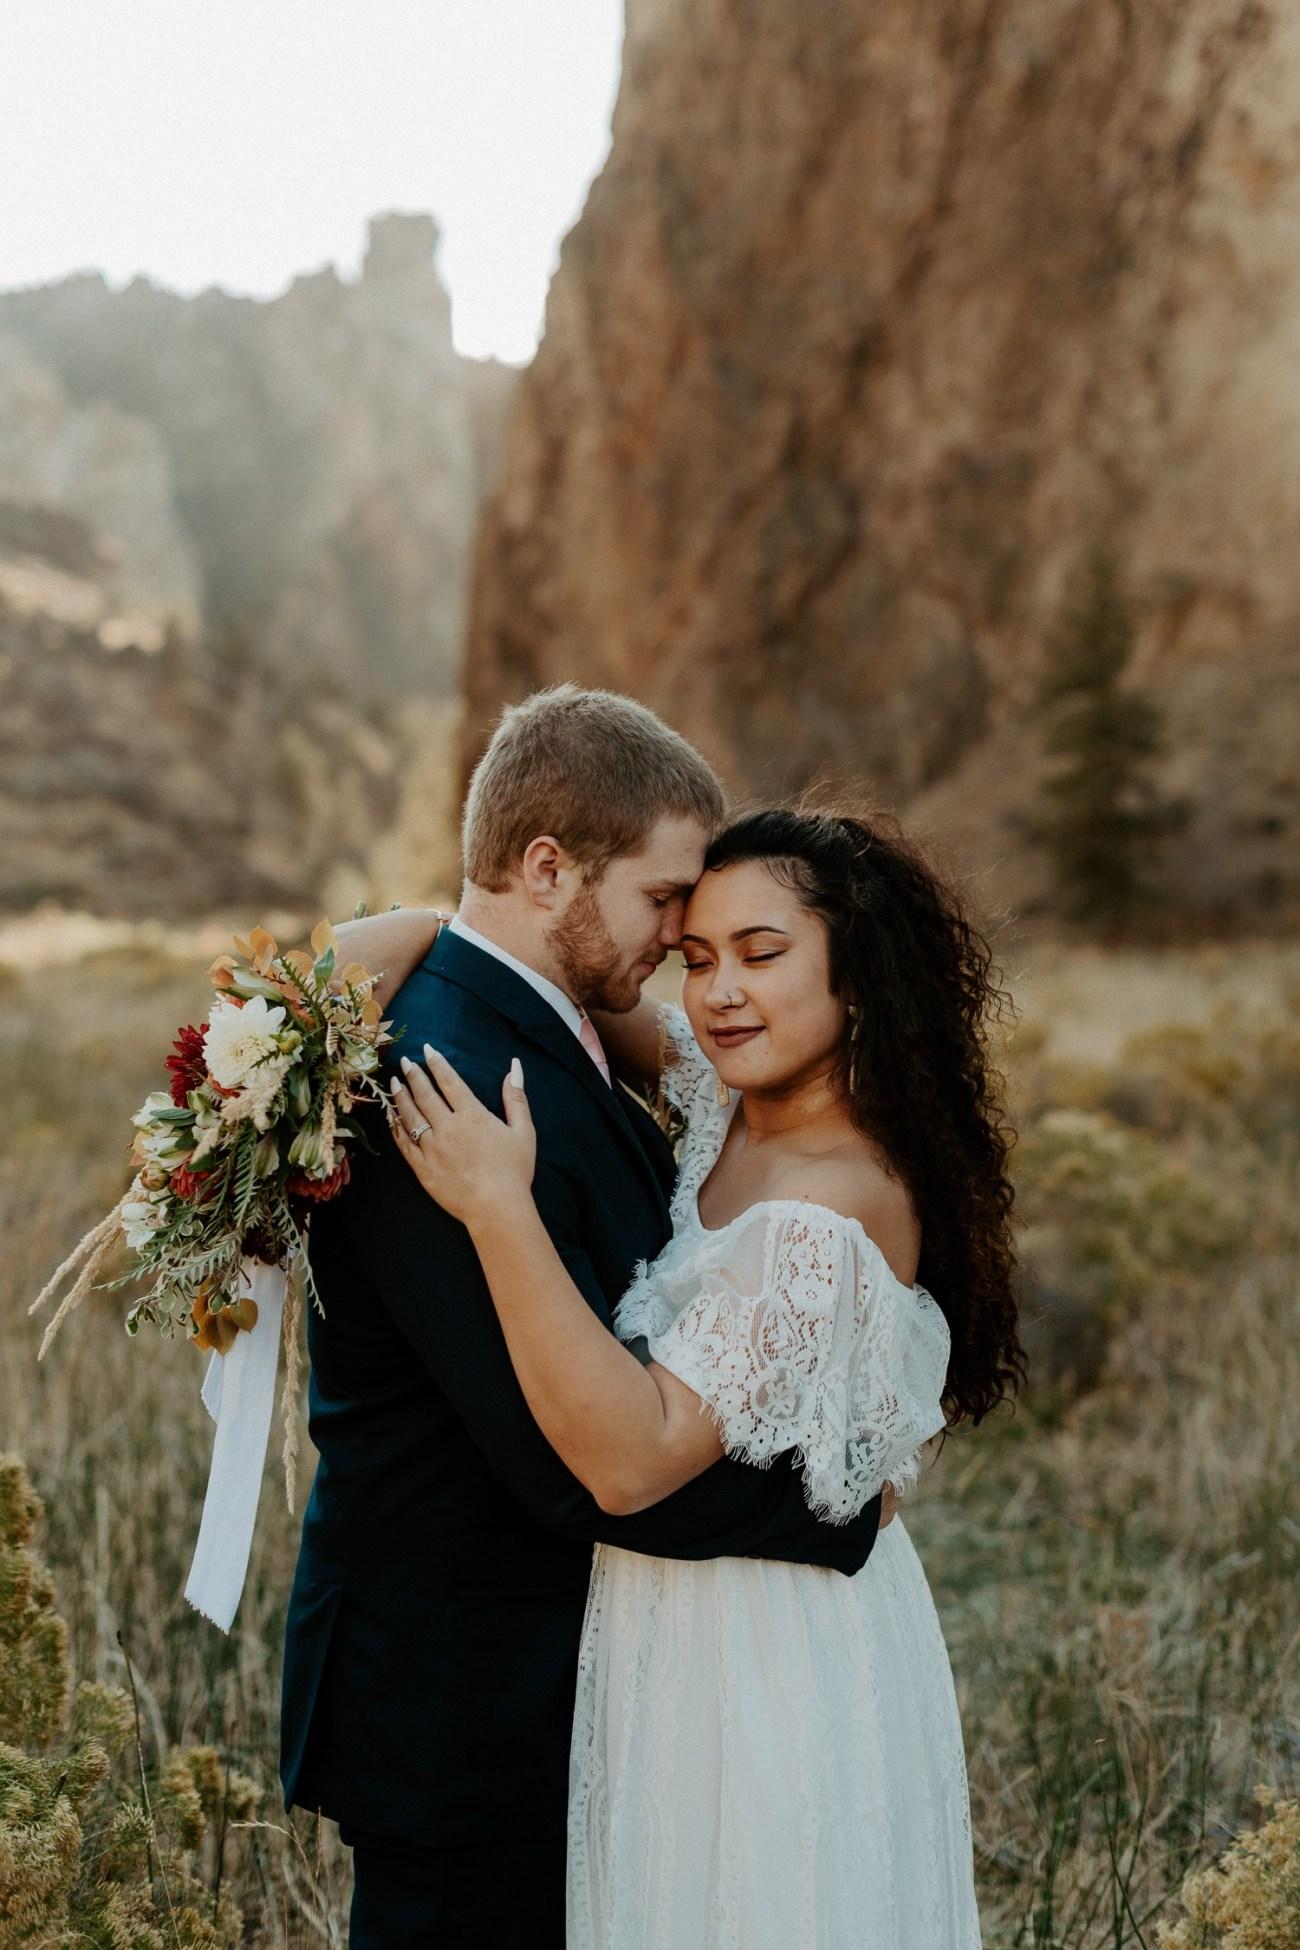 Smith Rock Elopement Bend Elopement Photographer Bend Wedding Photographer Fall Bend Wedding Anais Possamai Photography 012